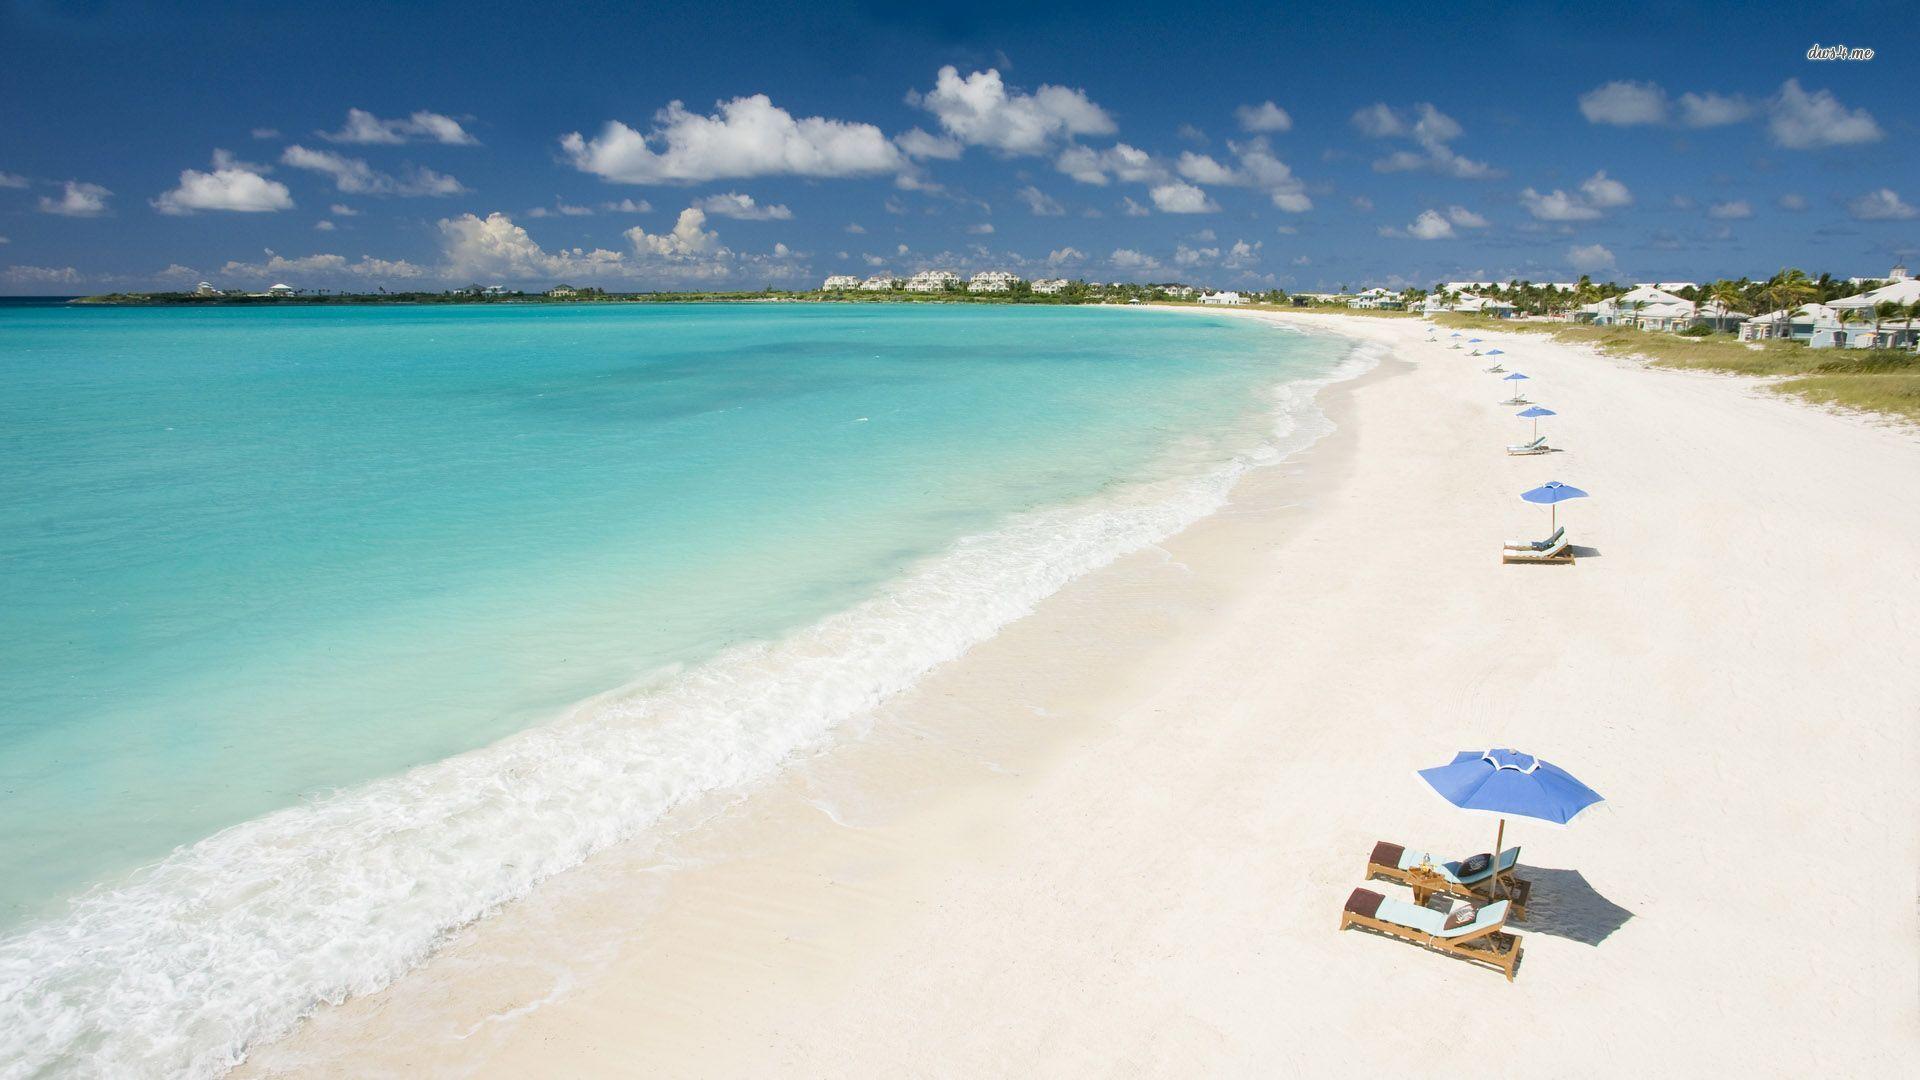 Caribbean Beach Desktop Wallpaper - WallpaperSafari